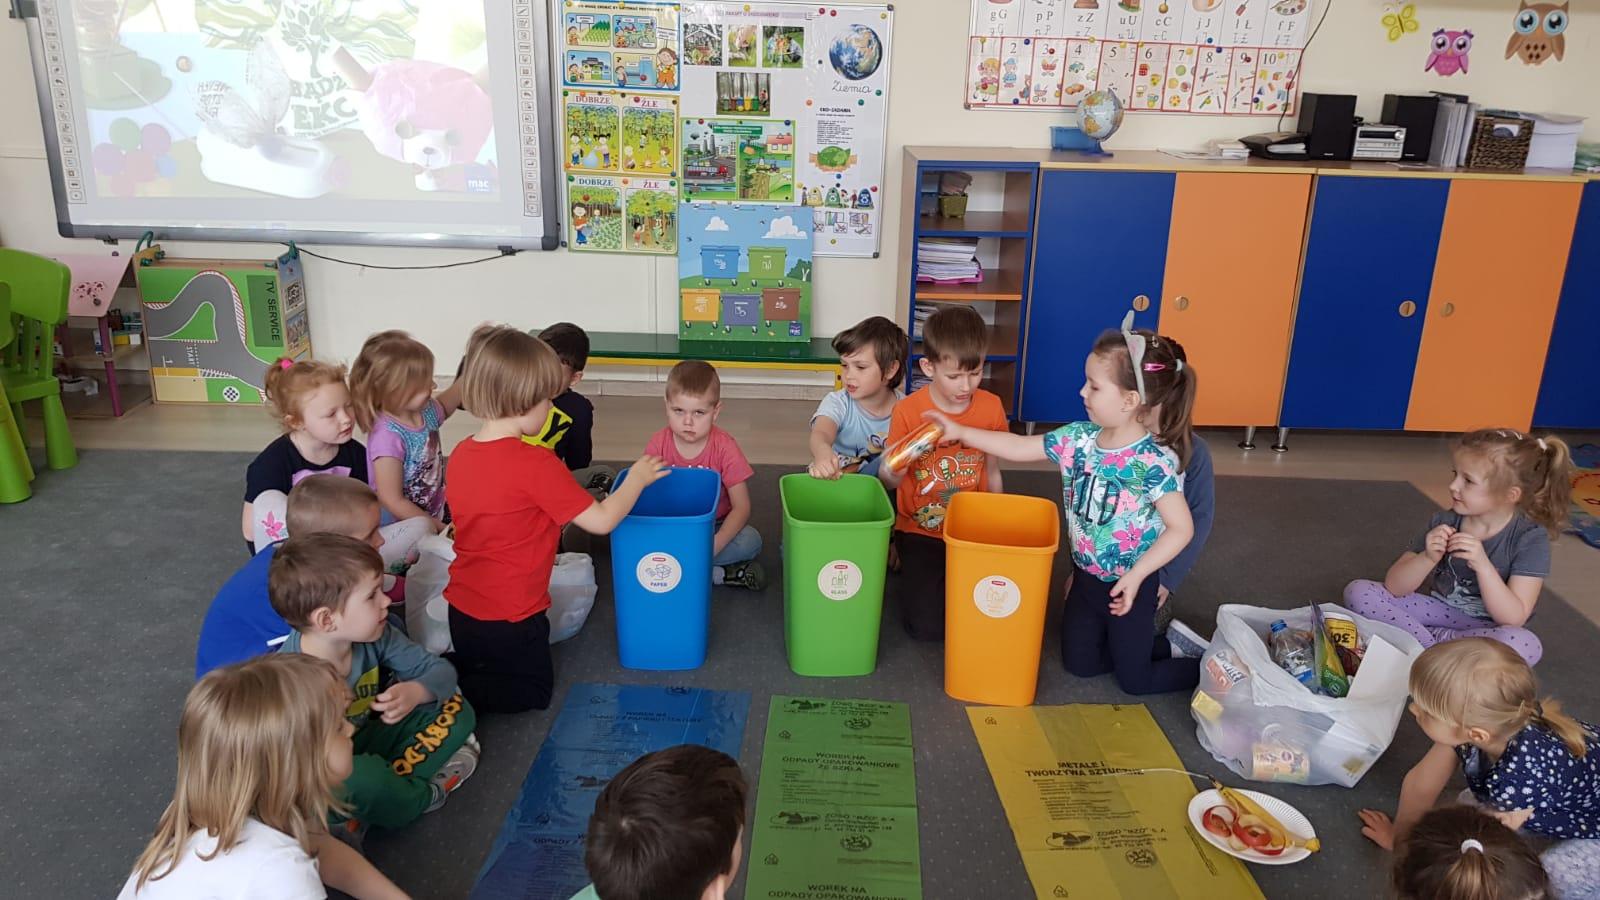 Grupa dzieci siedzących na dywanie w sali przedszkolnej. Po środku stoją trzy pojemniki do segregacji śmici, przed którymi leżą worki. Dziewczynka po prawej stronie wrzuca do pojemnika puszke po napoju. Po prawej i lewej stronie pojemników znajdują się worki, w których znajduja się nieposegregowane śmieci.